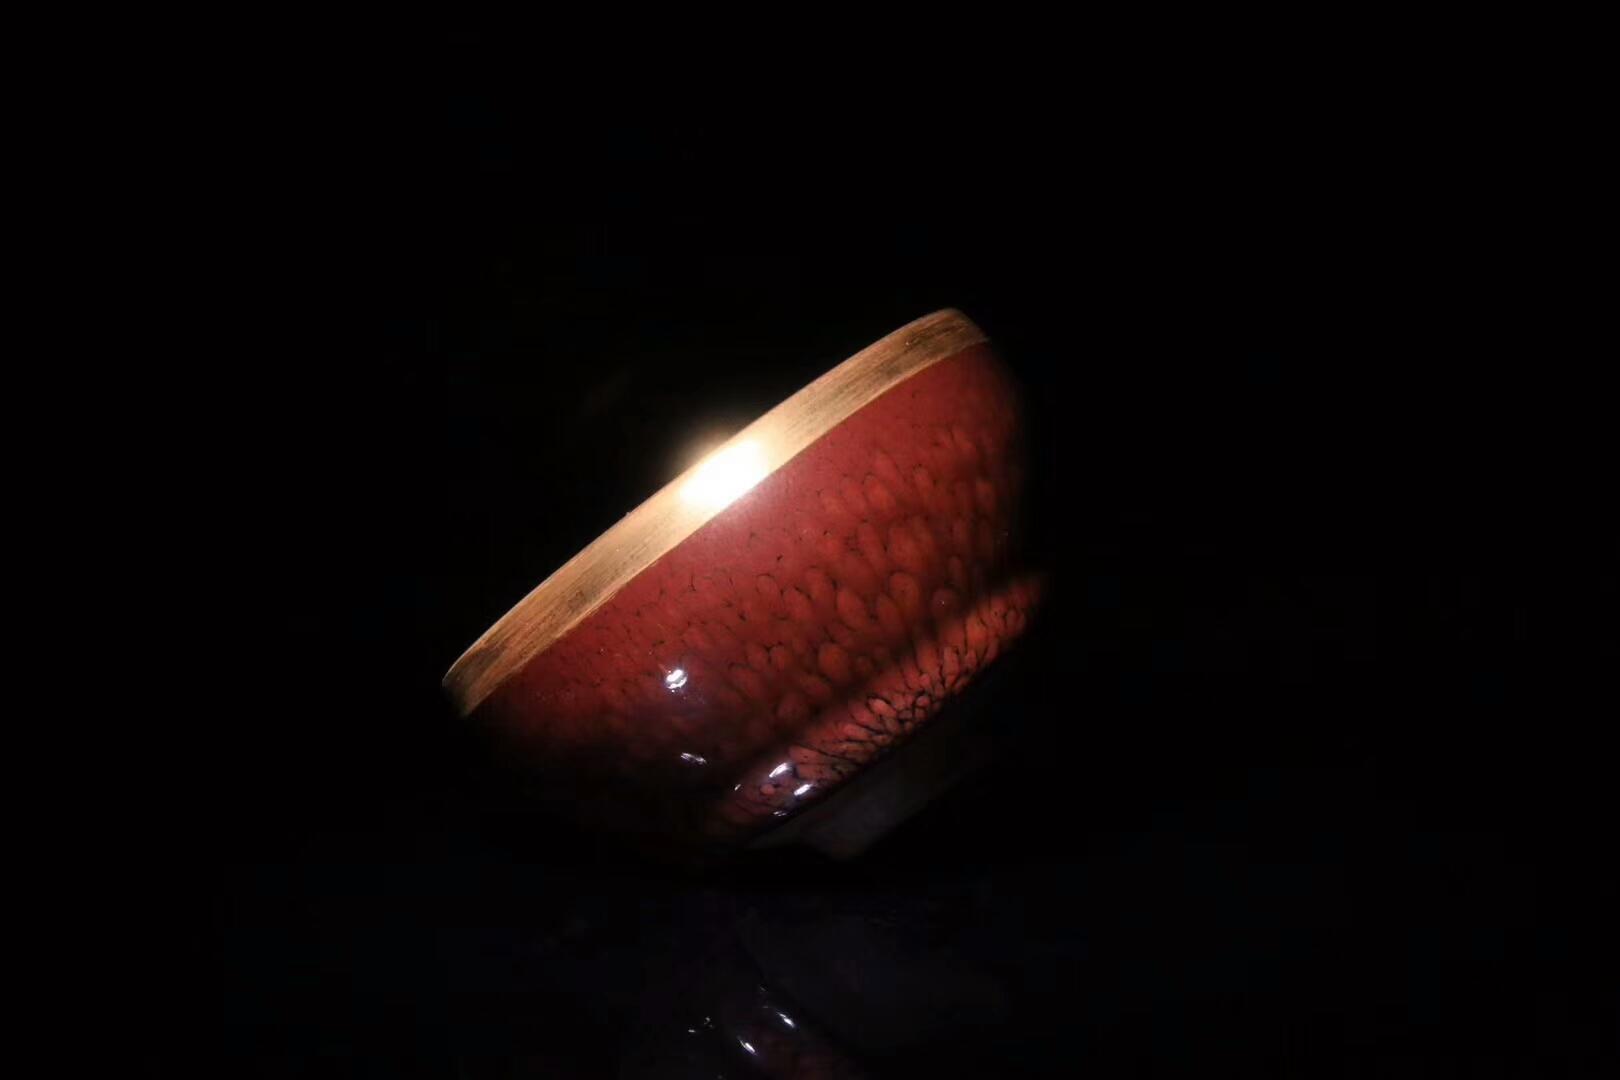 省级高级工艺大师 闽江美术学院副教授作者:陈其富作品:红鹧鸪 金边尺寸:9 x 5.4